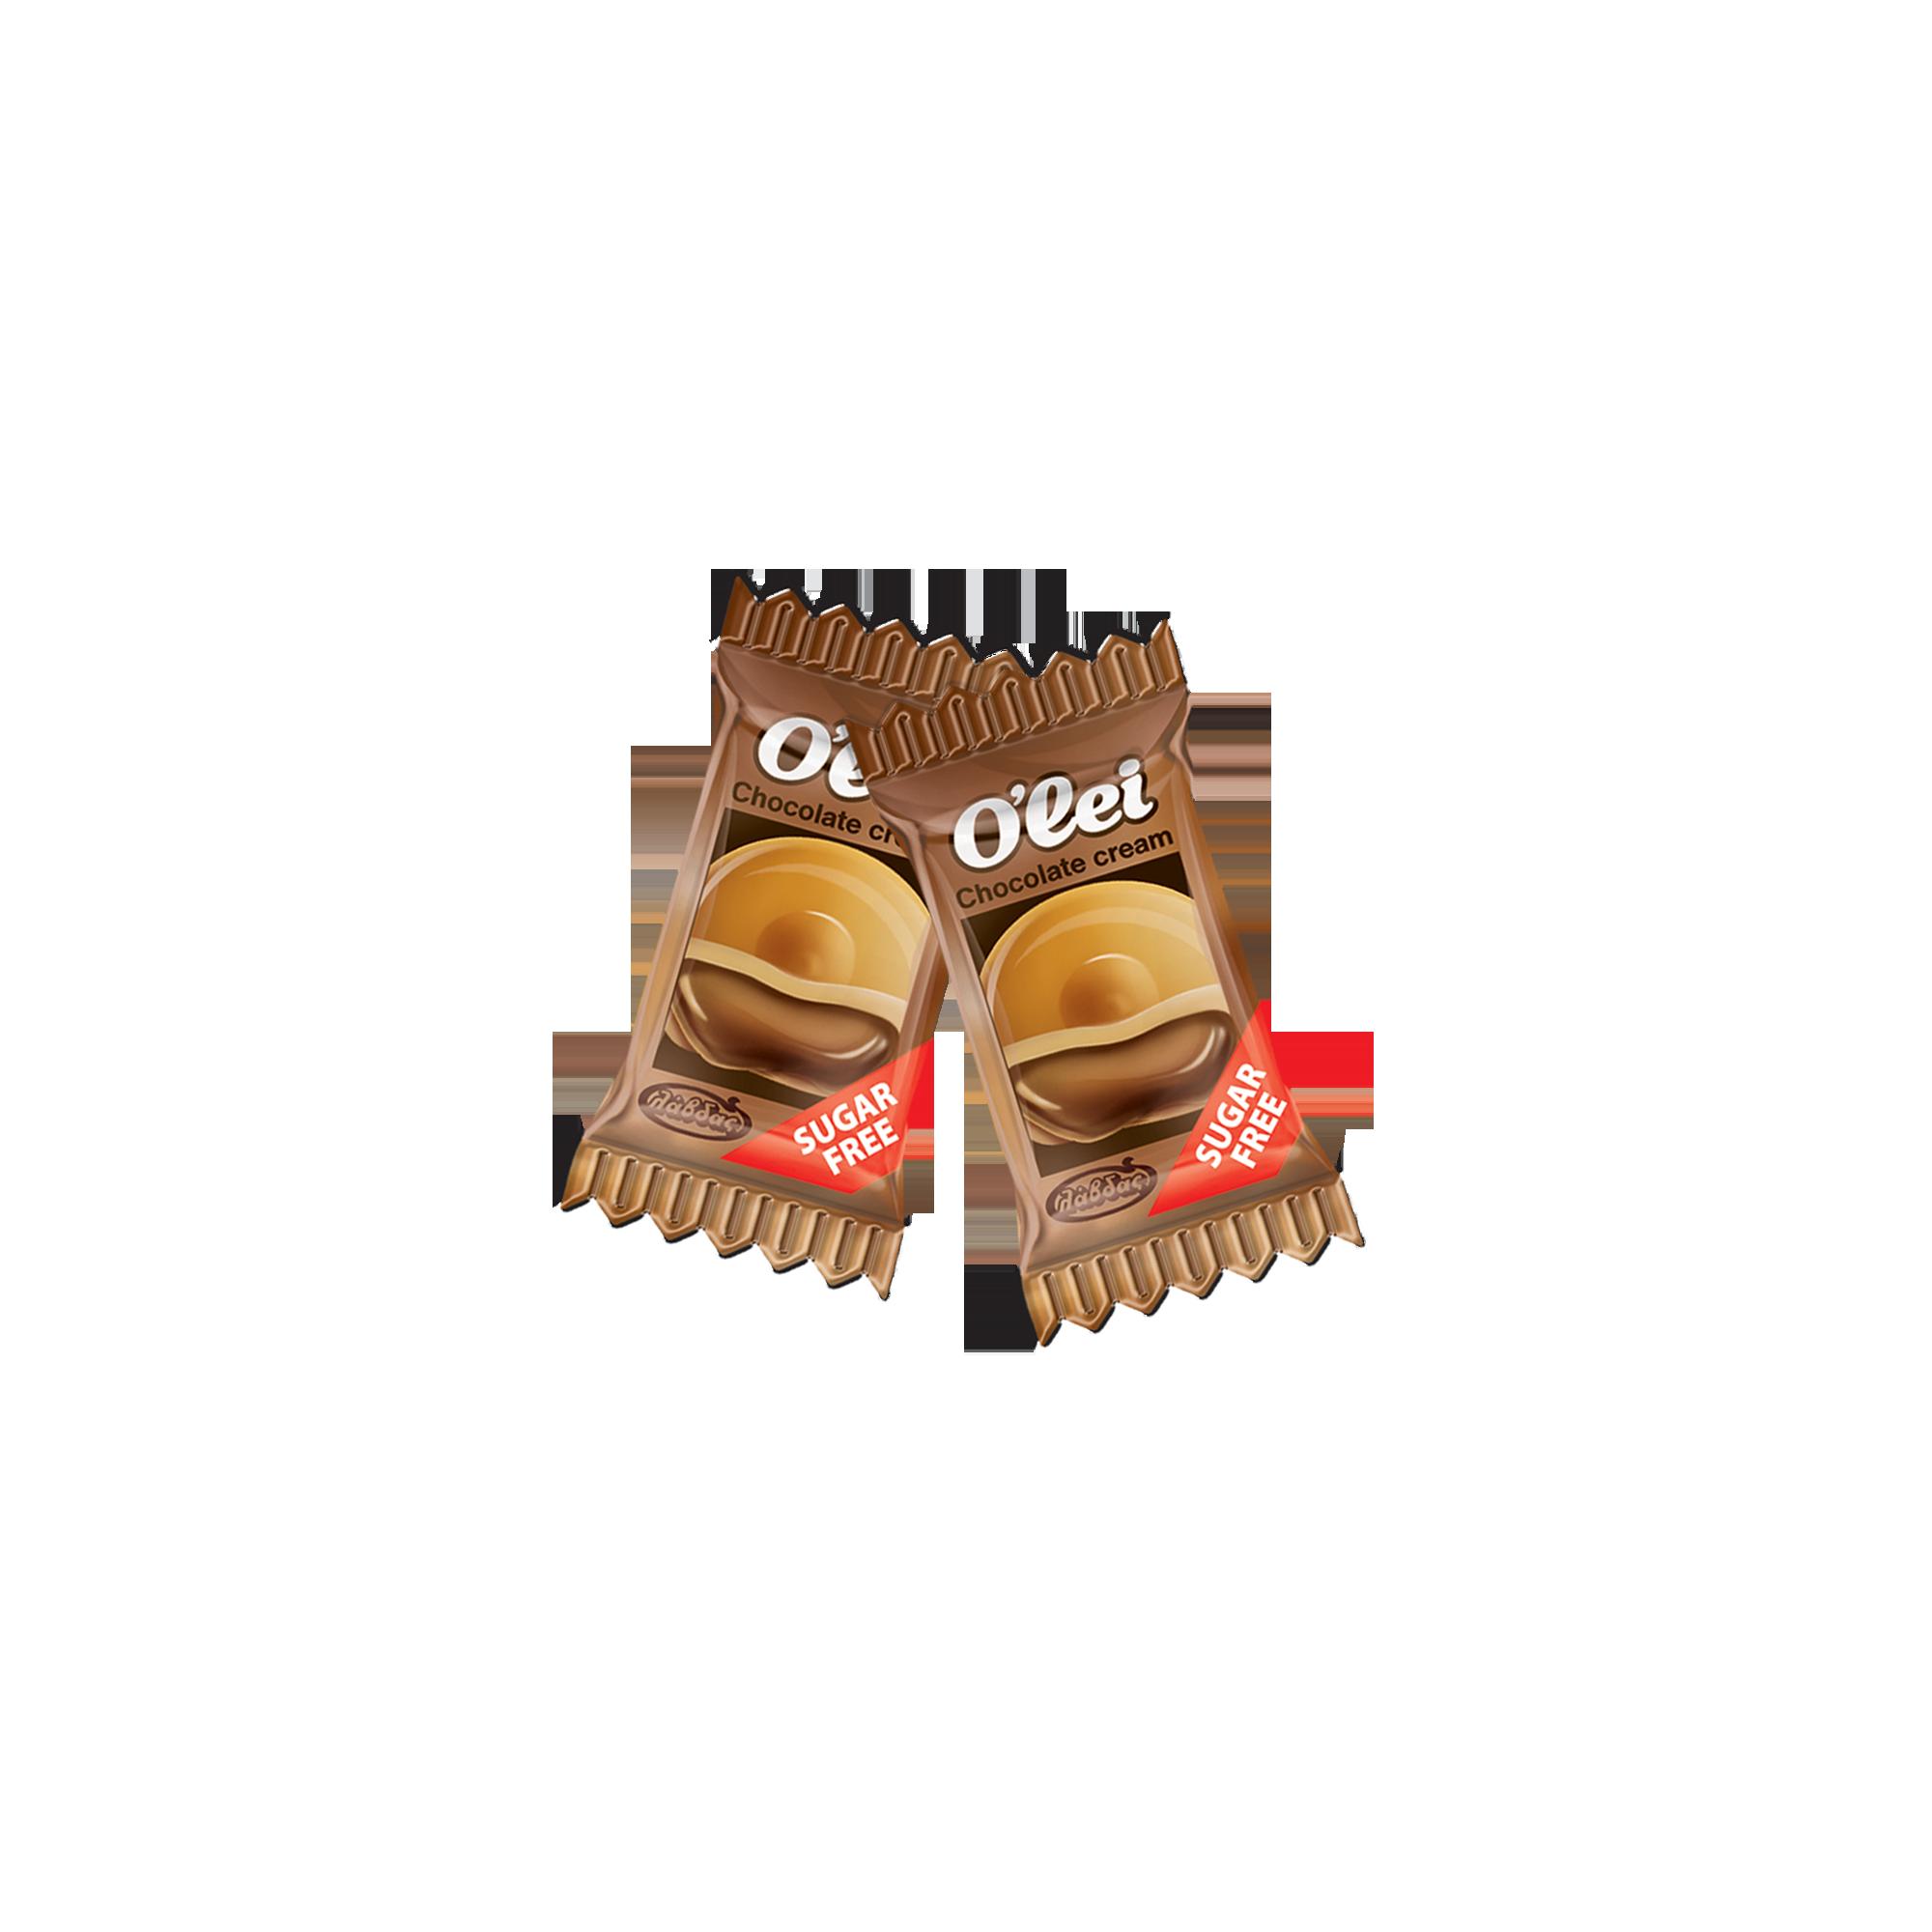 Καραμέλα Οlei, σοκολάτα κρέμα 500 gr Συσκευασία